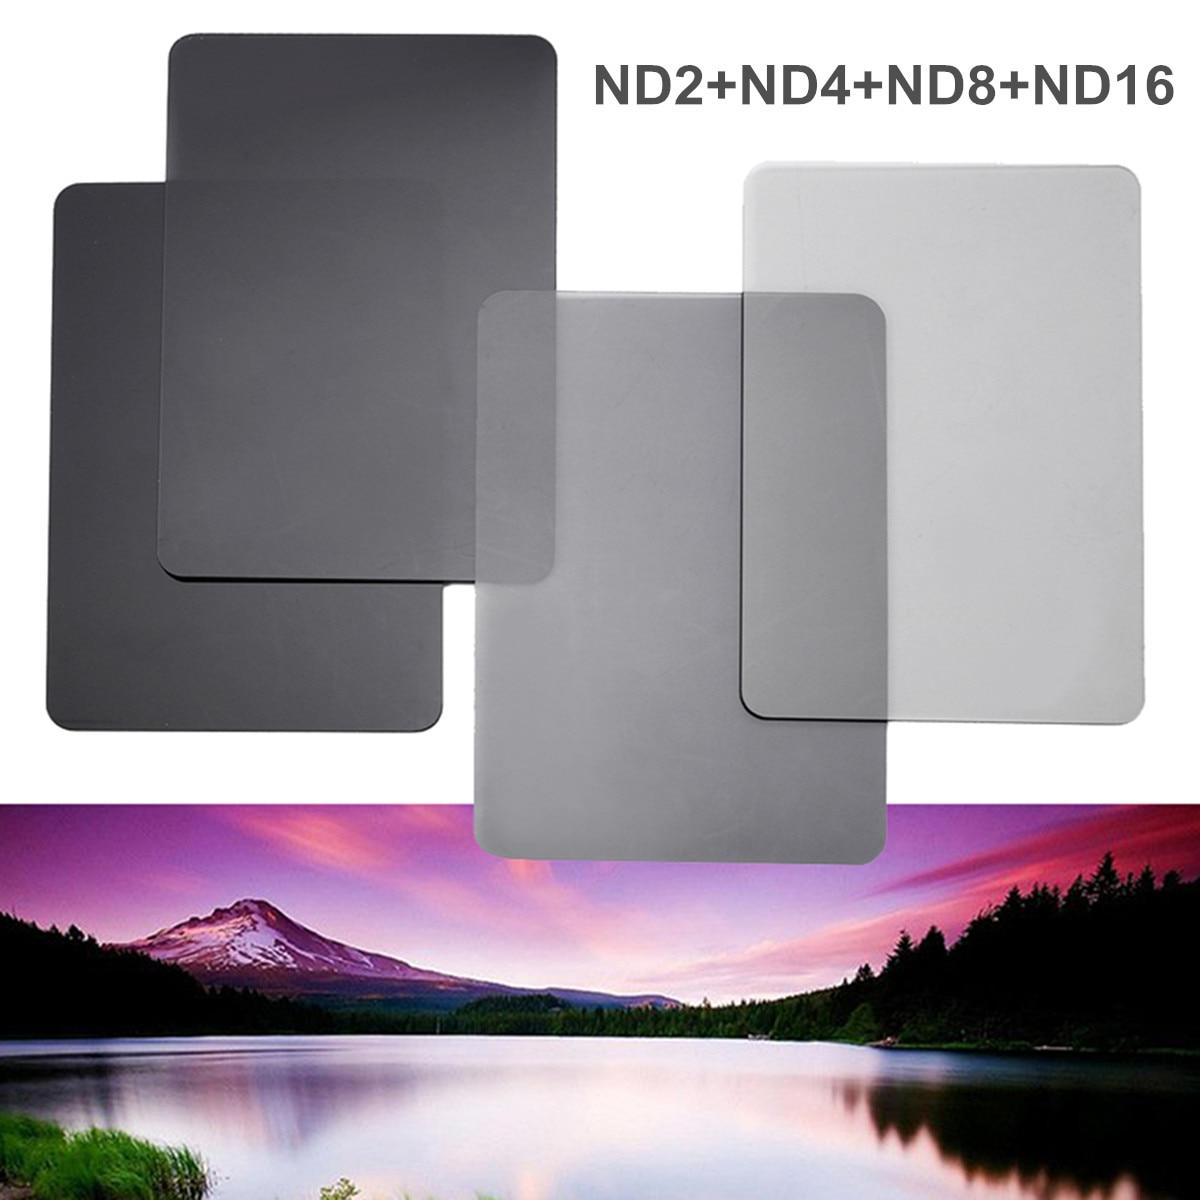 100*150mm Neutre Densité Caméra Filtres Kit ND2 + 4 + 8 + 16 Numérique Carré Filtre Pour cokin Caméra Accessoires 4 pcs/ensemble